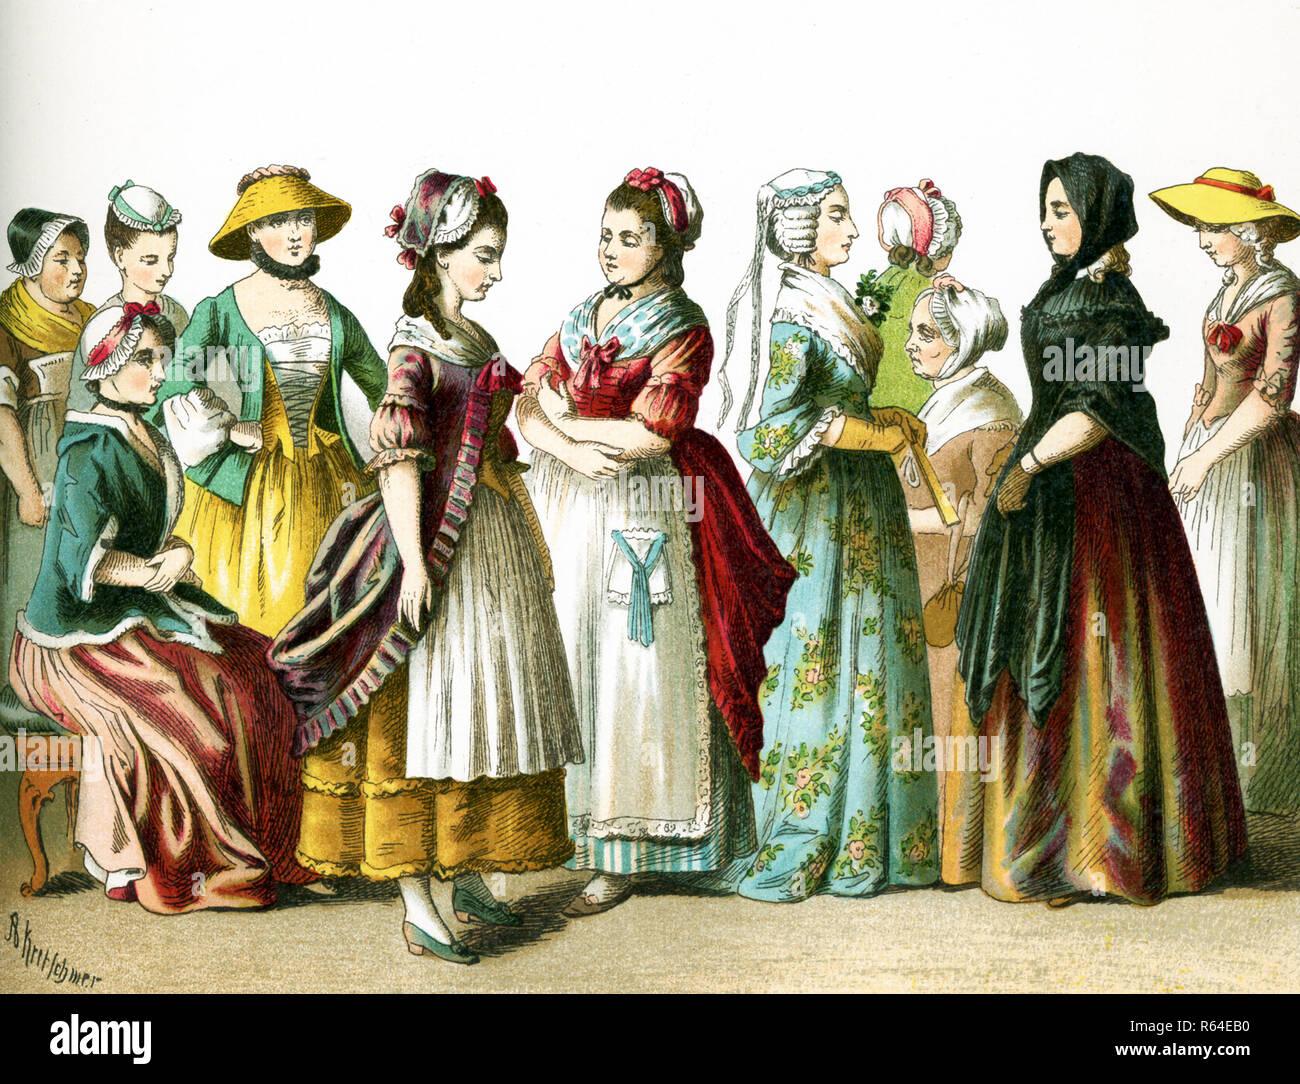 Die hier abgebildeten Figuren sind Deutsche Bürger im Jahr 1700. Diese Abbildung stammt aus dem Jahre 1882. Stockbild